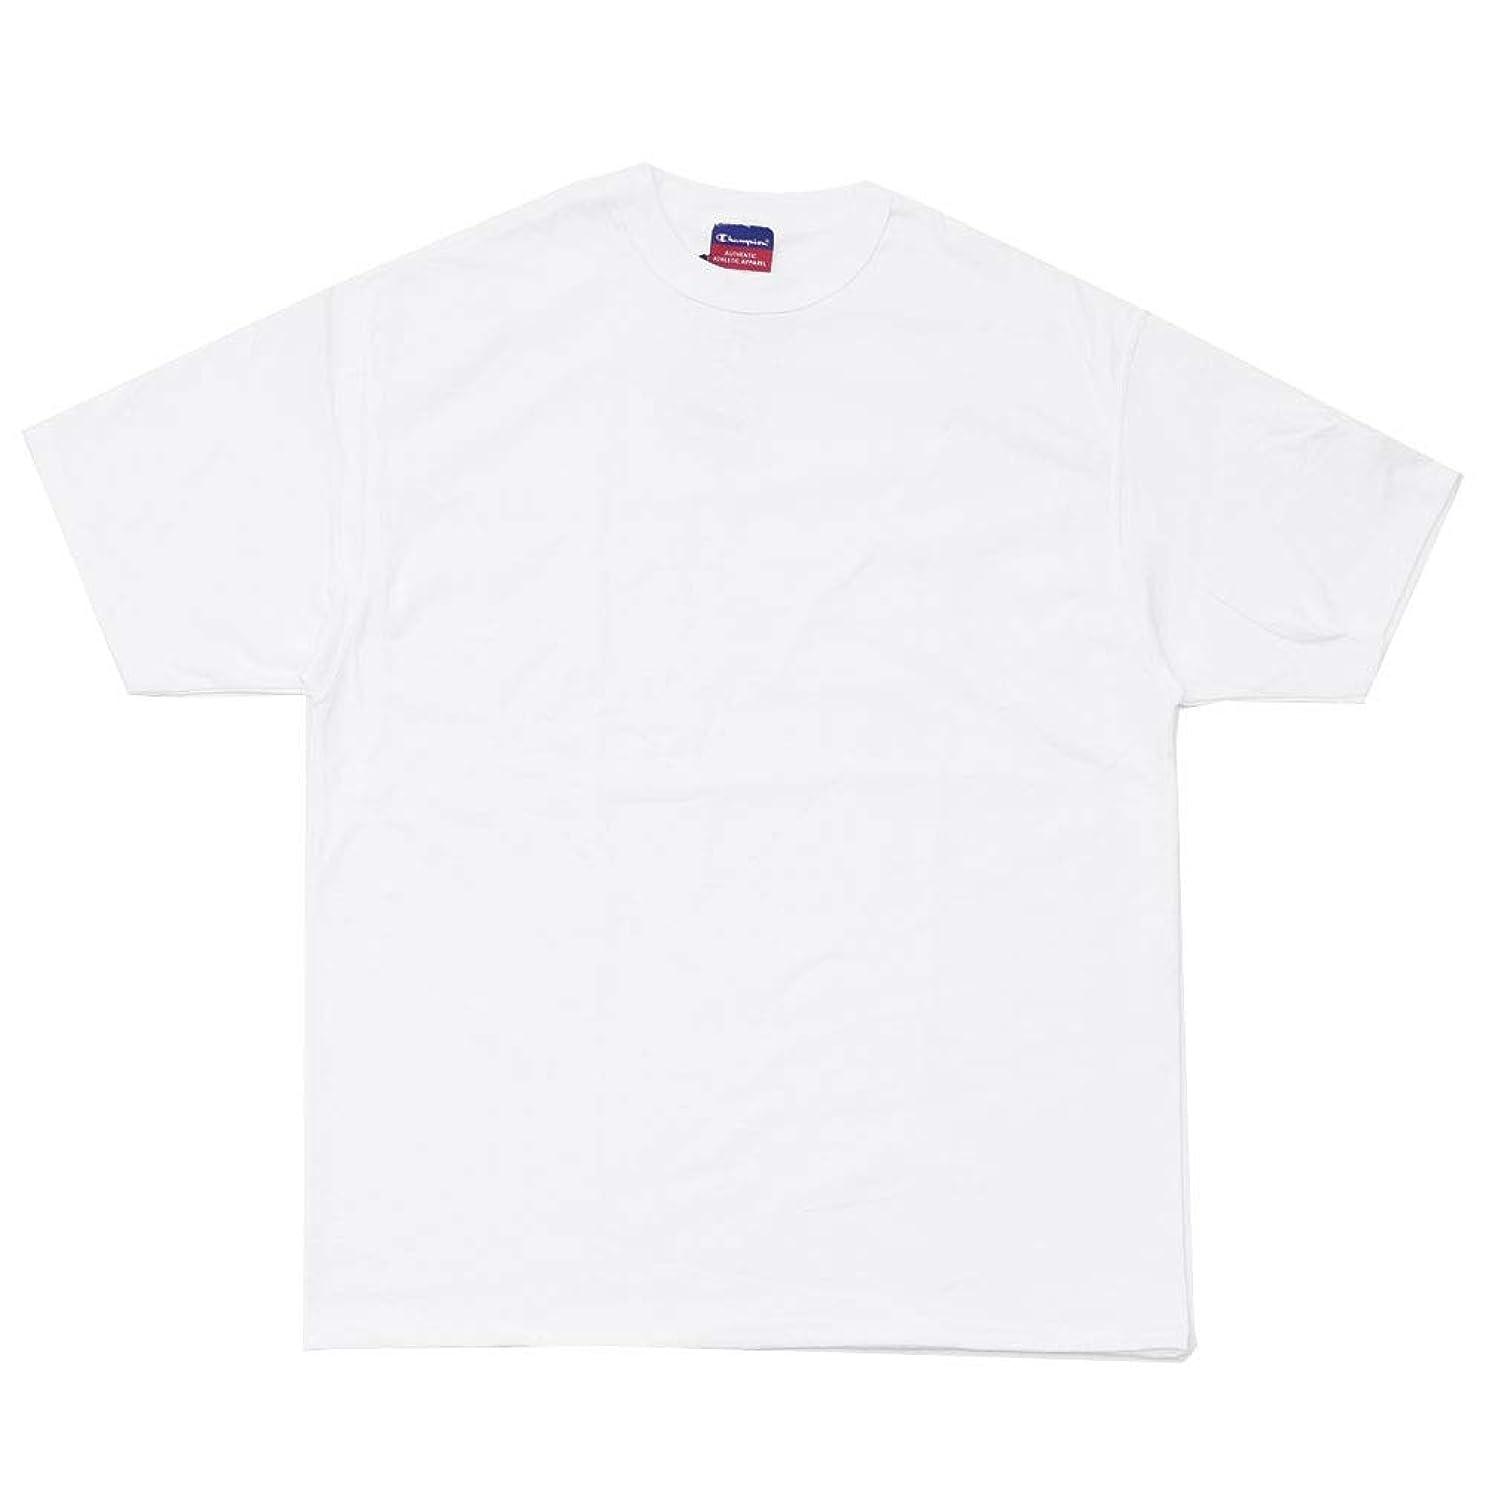 講義内部カロリー[Lサイズ] Champion (チャンピオン) 7oz HERITAGE JERSEY TEE [Tシャツ] WHITE 999-005069-040 [新品]